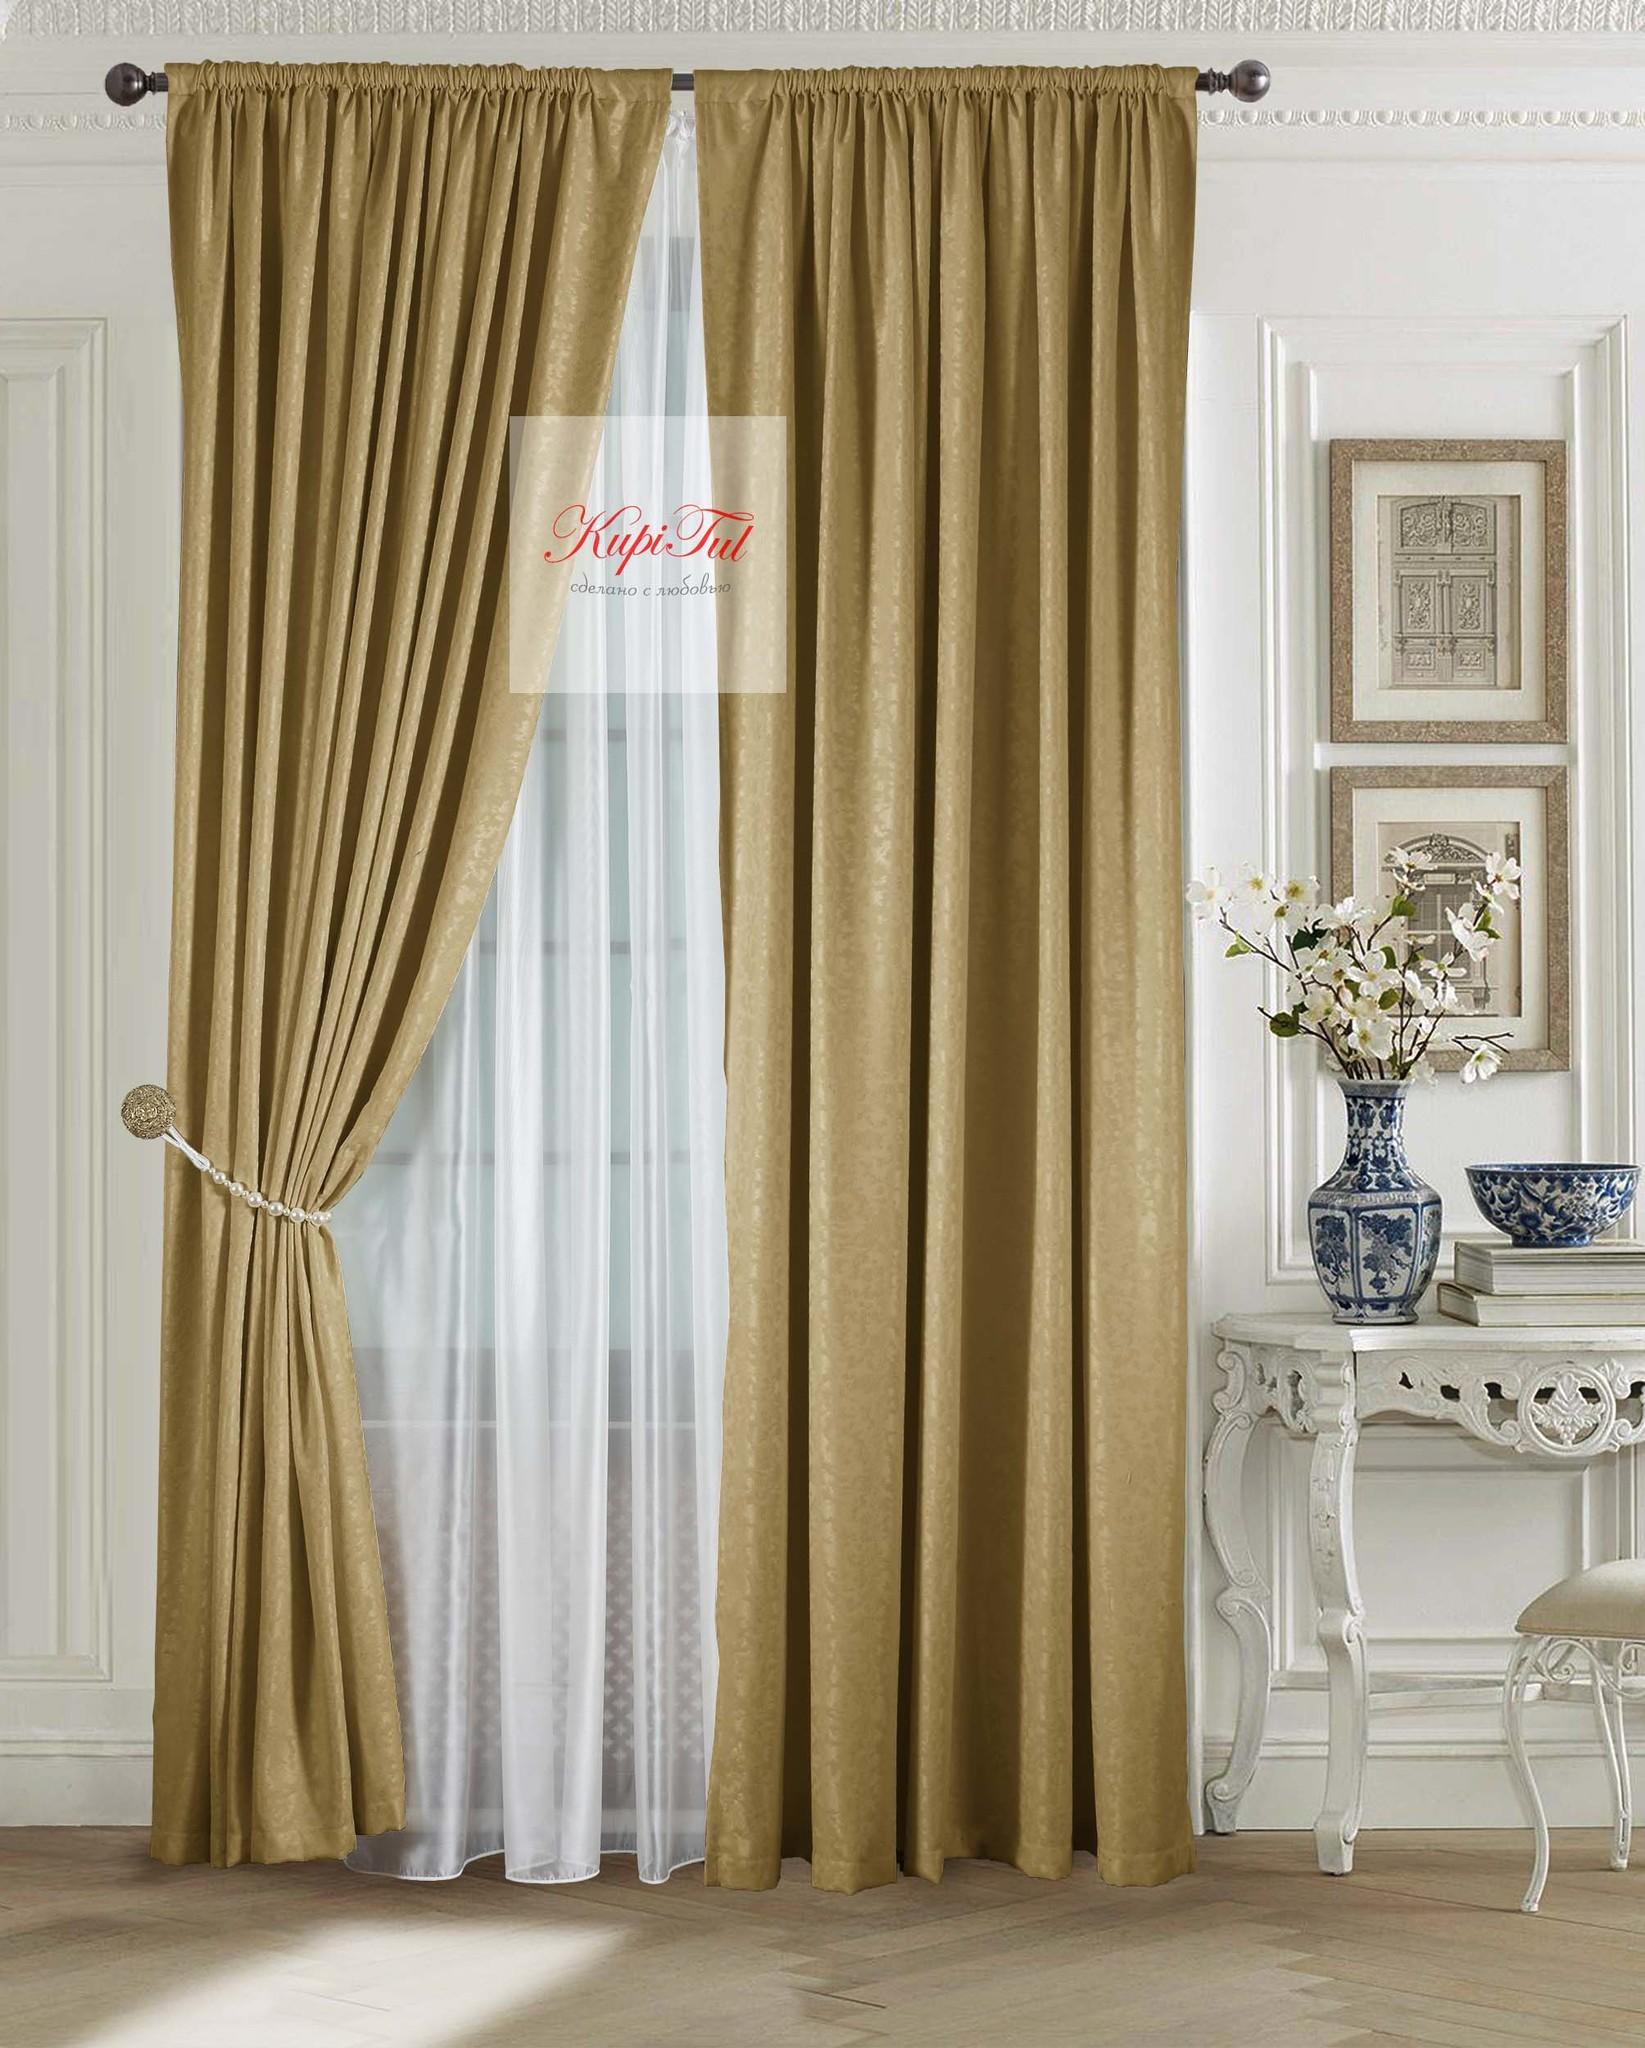 Комплект штор Луи (тёмное-золото). Шторы из стриженного бархата.